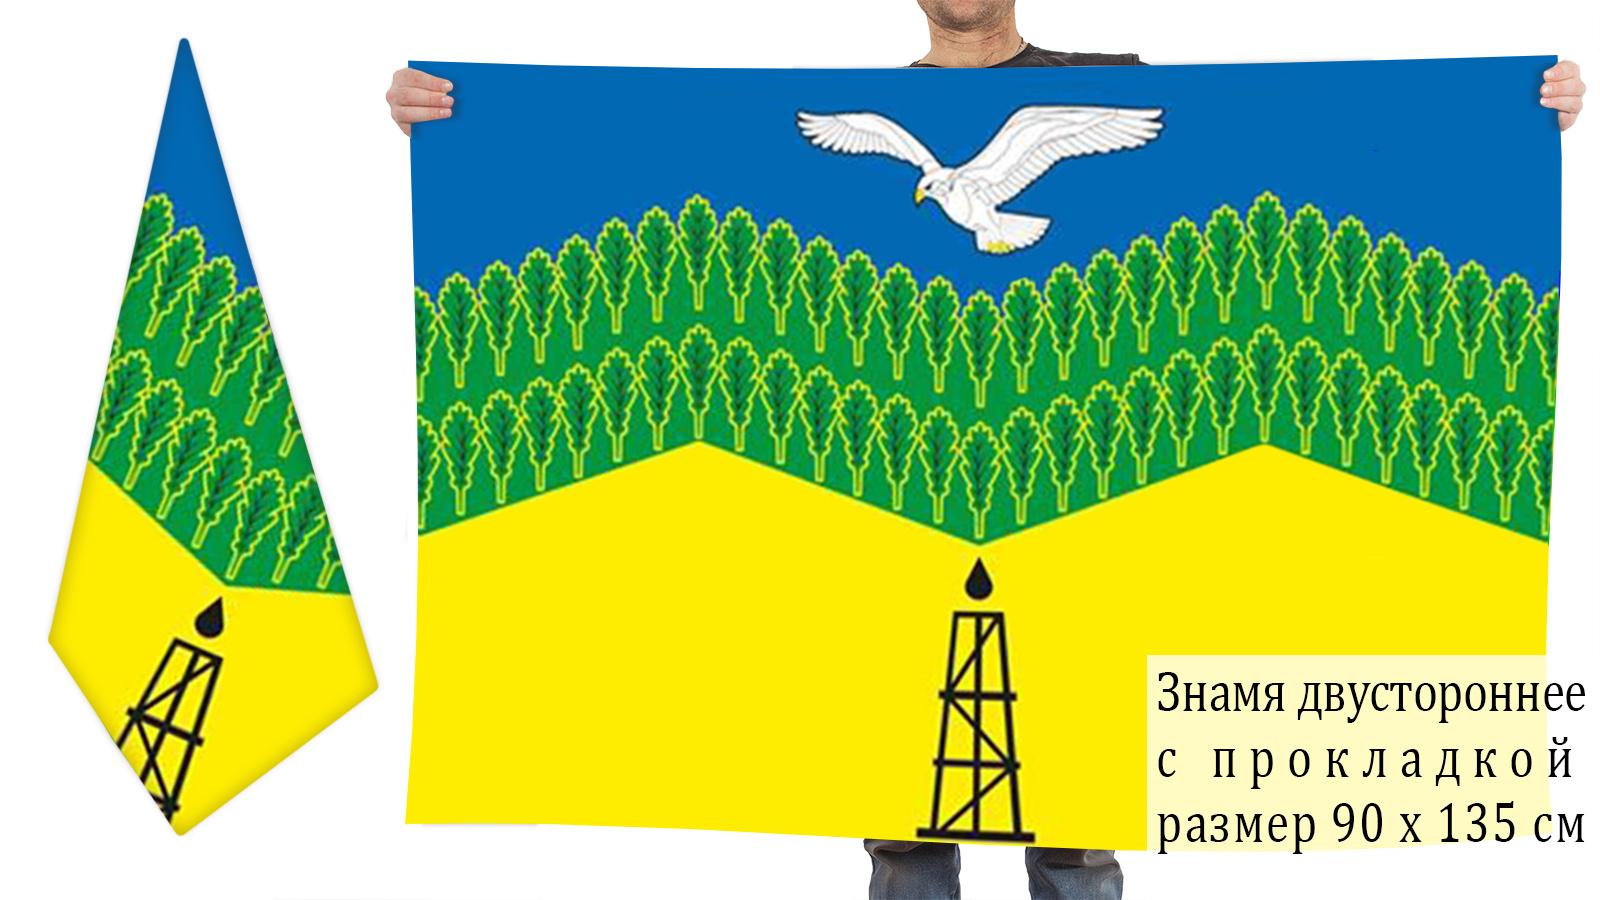 Двусторонний флаг Ахтырского городского поселения